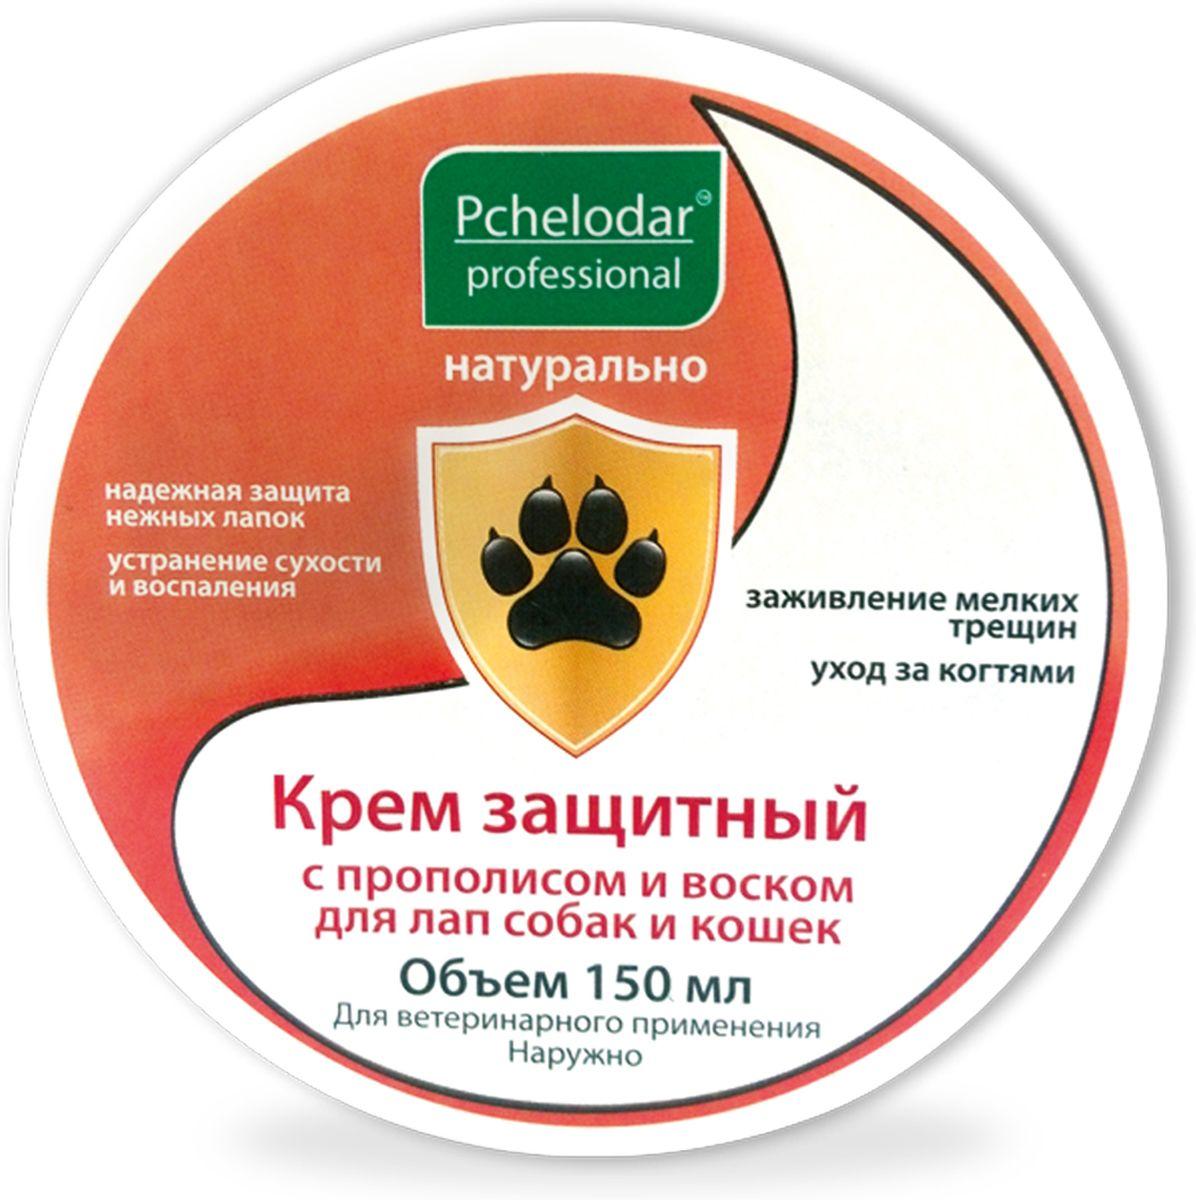 Крем защитный Пчелодар, с прополисом и воском для лап собак и кошек, 150 г1110Крем защитный для лап животных — инновационное средство для защиты лап животных во время прогулки от неблагоприятного воздействия противогололёдных химических реагентов и низких температур, для предотвращения травмирования кожи подушечек лап снежным настом, гравием или асфальтом. Входящие в Состав натуральный пчелиный воск, экстракт прополиса и ланолин создают надежную защитную пленку на подушечках лап животного, оказывают выраженное антисептическое, успокаивающее и ранозаживляющее действие; натуральные растительные масла и витамин Е прекрасно увлажняют, питают и восстанавливают кожу лап животных, обеспечивая быстрое заживление мелких ран и трещин. Крем-защитный способствует размягчению загрубевшей и утолщенной кожи подушечек лап животного.Экономичен в расходовании, не липнет, не загрязняет поверхность, легко смывается любым гигиеническим средством.Натуральные компоненты Крема защитного для лап животных позволяют применять его даже самым чувствительным животным, склонным к аллергическим реакциям, а также щенкам и котятам.Состав:пчелиный воск, экстракт прополиса, ланолин, касторовое масло, оливковое масло, подсолнечное масло, эфирное масло лаванды, эфирное масло туи, эфирное масло пихты, витамин Е.ПОКАЗАНИЯ:Крем защитный для лап животных применяют по необходимости, в период, когда существует угроза травматизации и воздействия химических веществ (реагенты, гравий, снежный наст) на кожу подушечек лап животных.СПОСОБ ПРИМЕНЕНИЯ:Перед выходом на прогулку нанести небольшое количество крема на кожу подушечек лап и между пальцами, втереть до полного впитывания. Погдходит для посточнного применения.УСЛОВИЯ ХРАНЕНИЯ:Срок годности при соблюдении условий хранения — 2 года со дня изготовления.ФОРМА ВЫПУСКА:пластиковый флакон объемом 150 мл.Рекомендуется Крем защитный для лап животных использовать в комплексе с Крем-мылом для лап с маточным молочком и Кремом питательным для лап.